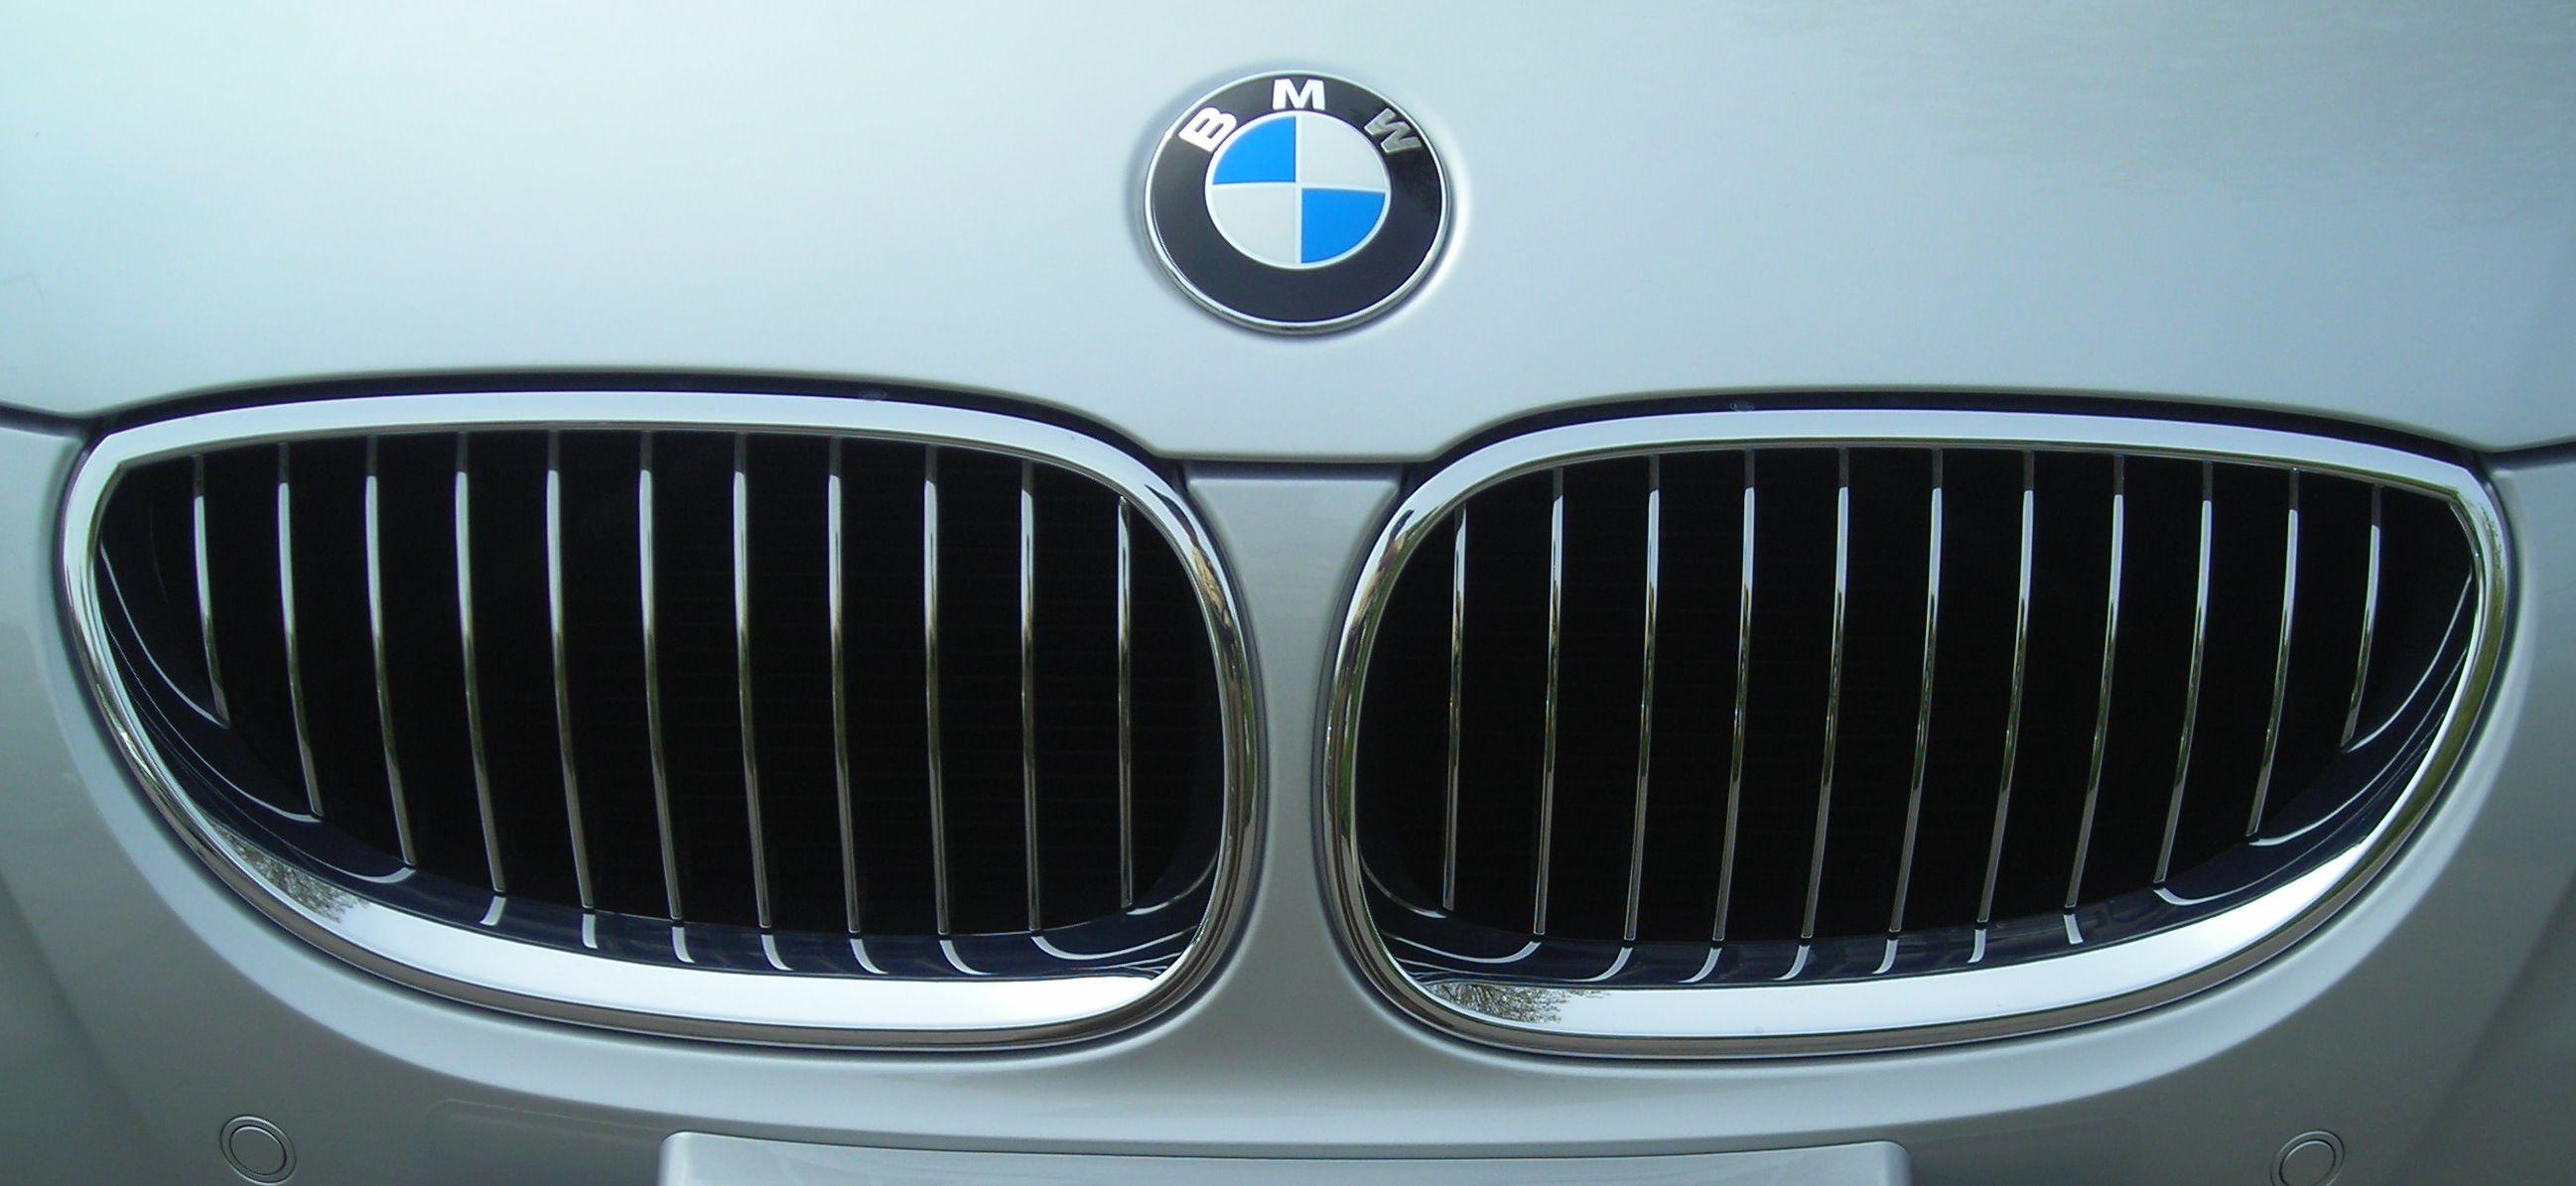 Drawn bmw bmw front Driveshaft adds BMW wgvu 2016